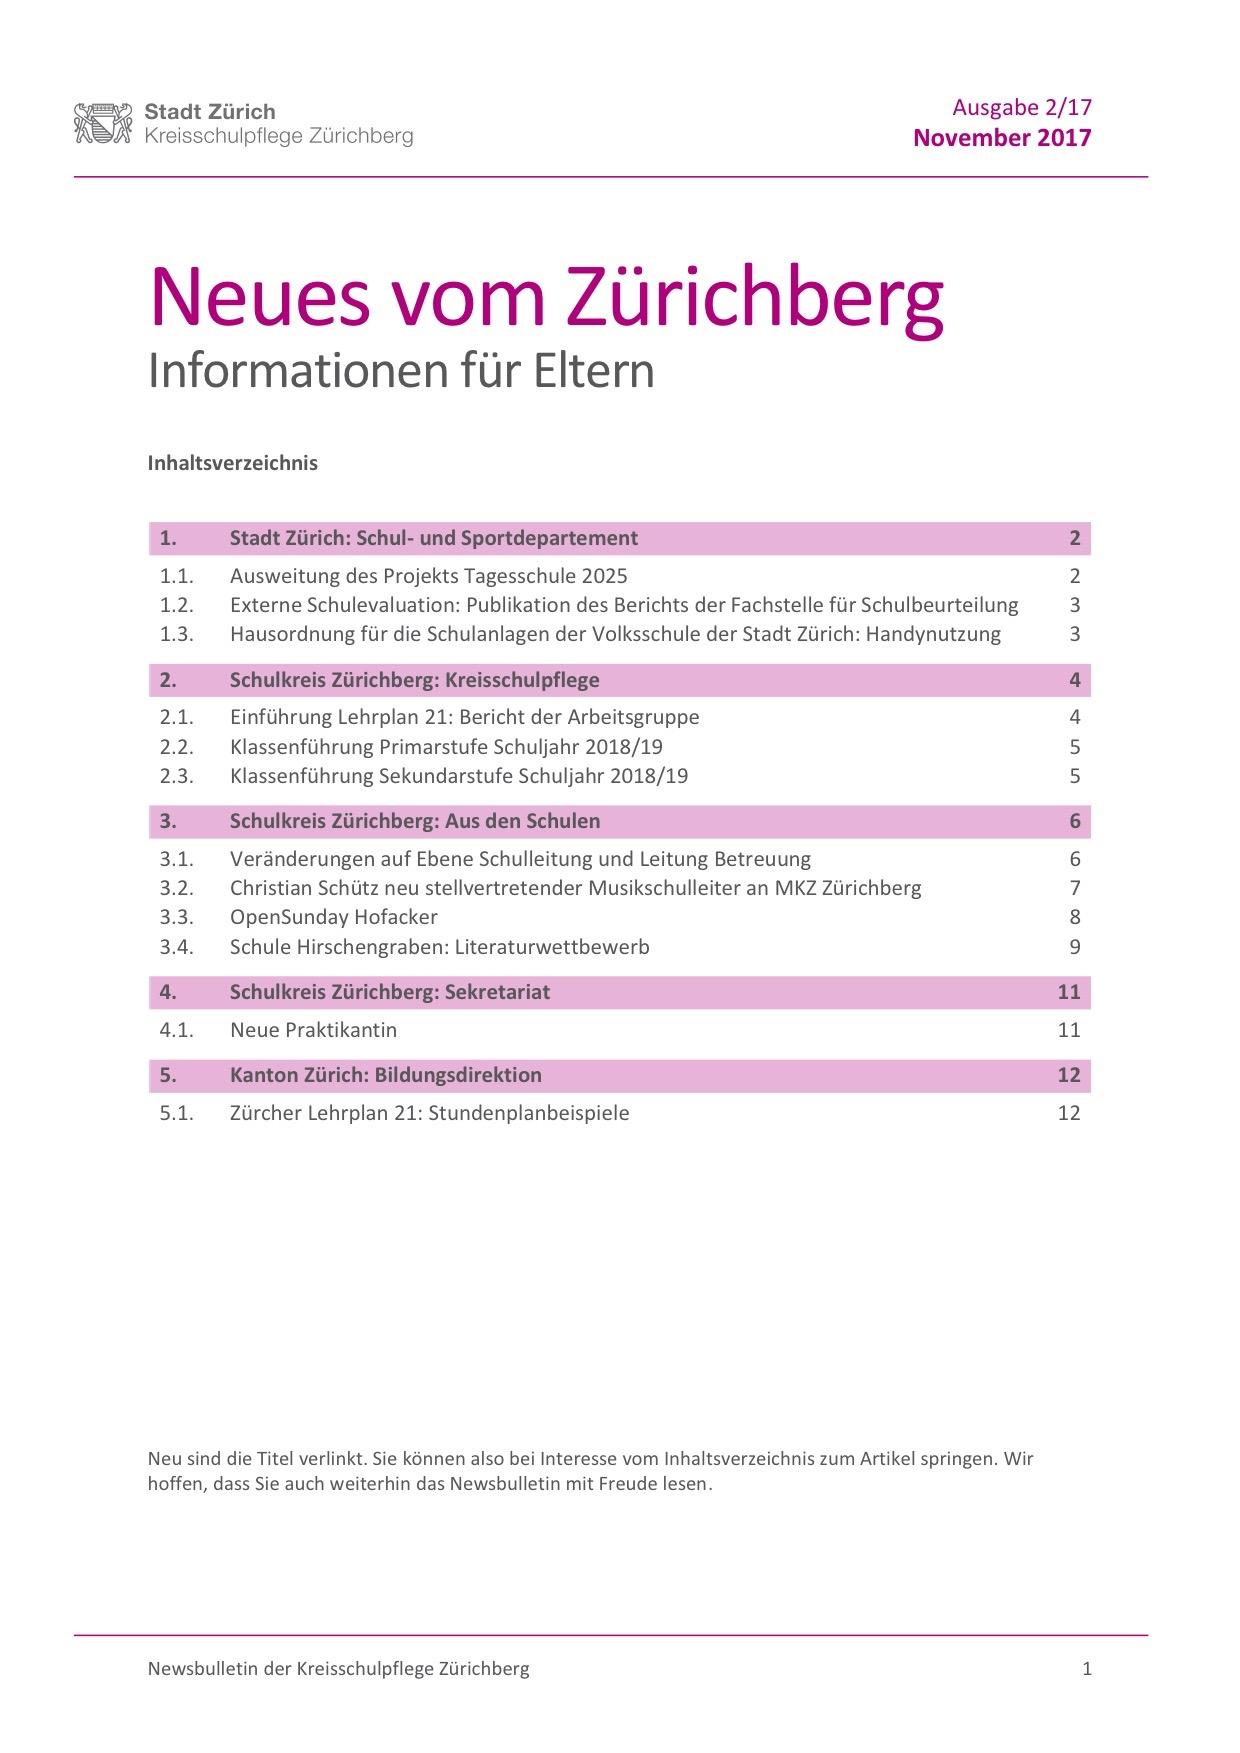 zueriberg-news.jpg